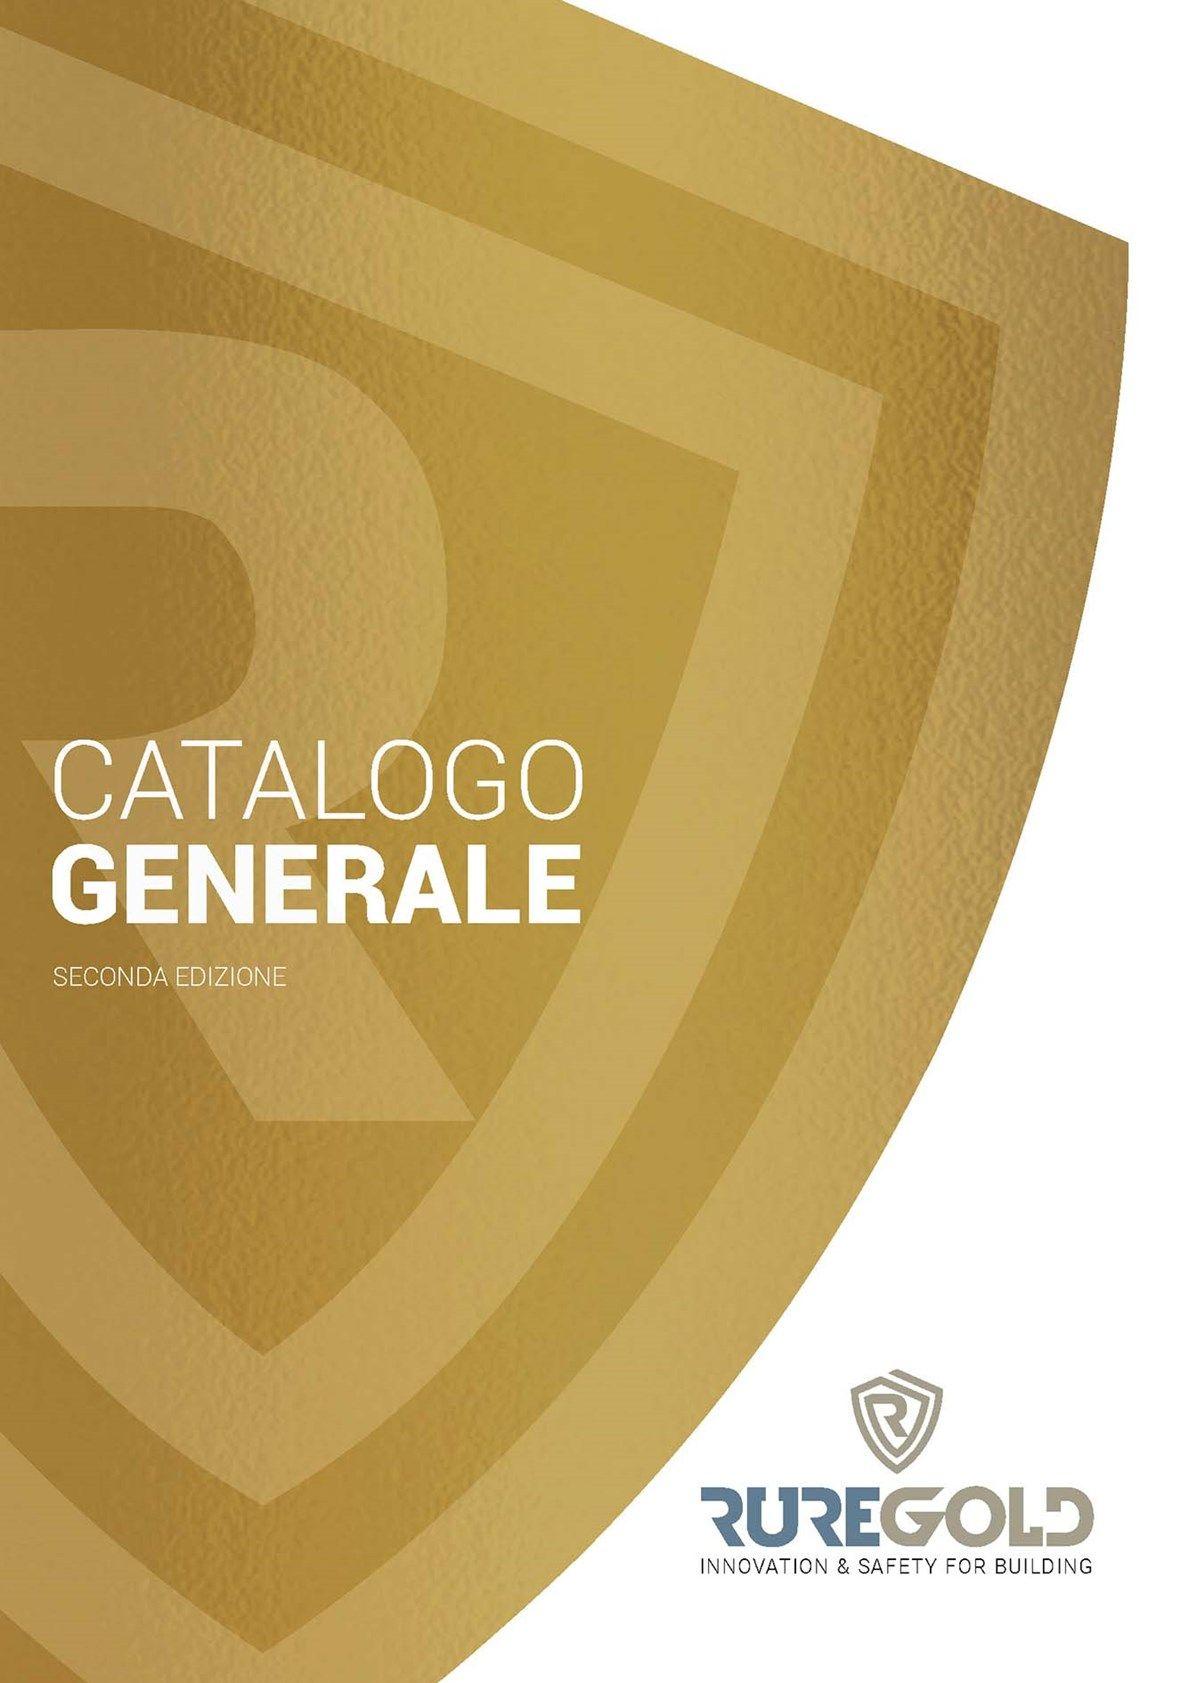 Catalogo Ruregold 2019: nuove denominazioni, la qualità e l'affidabilità di sempre